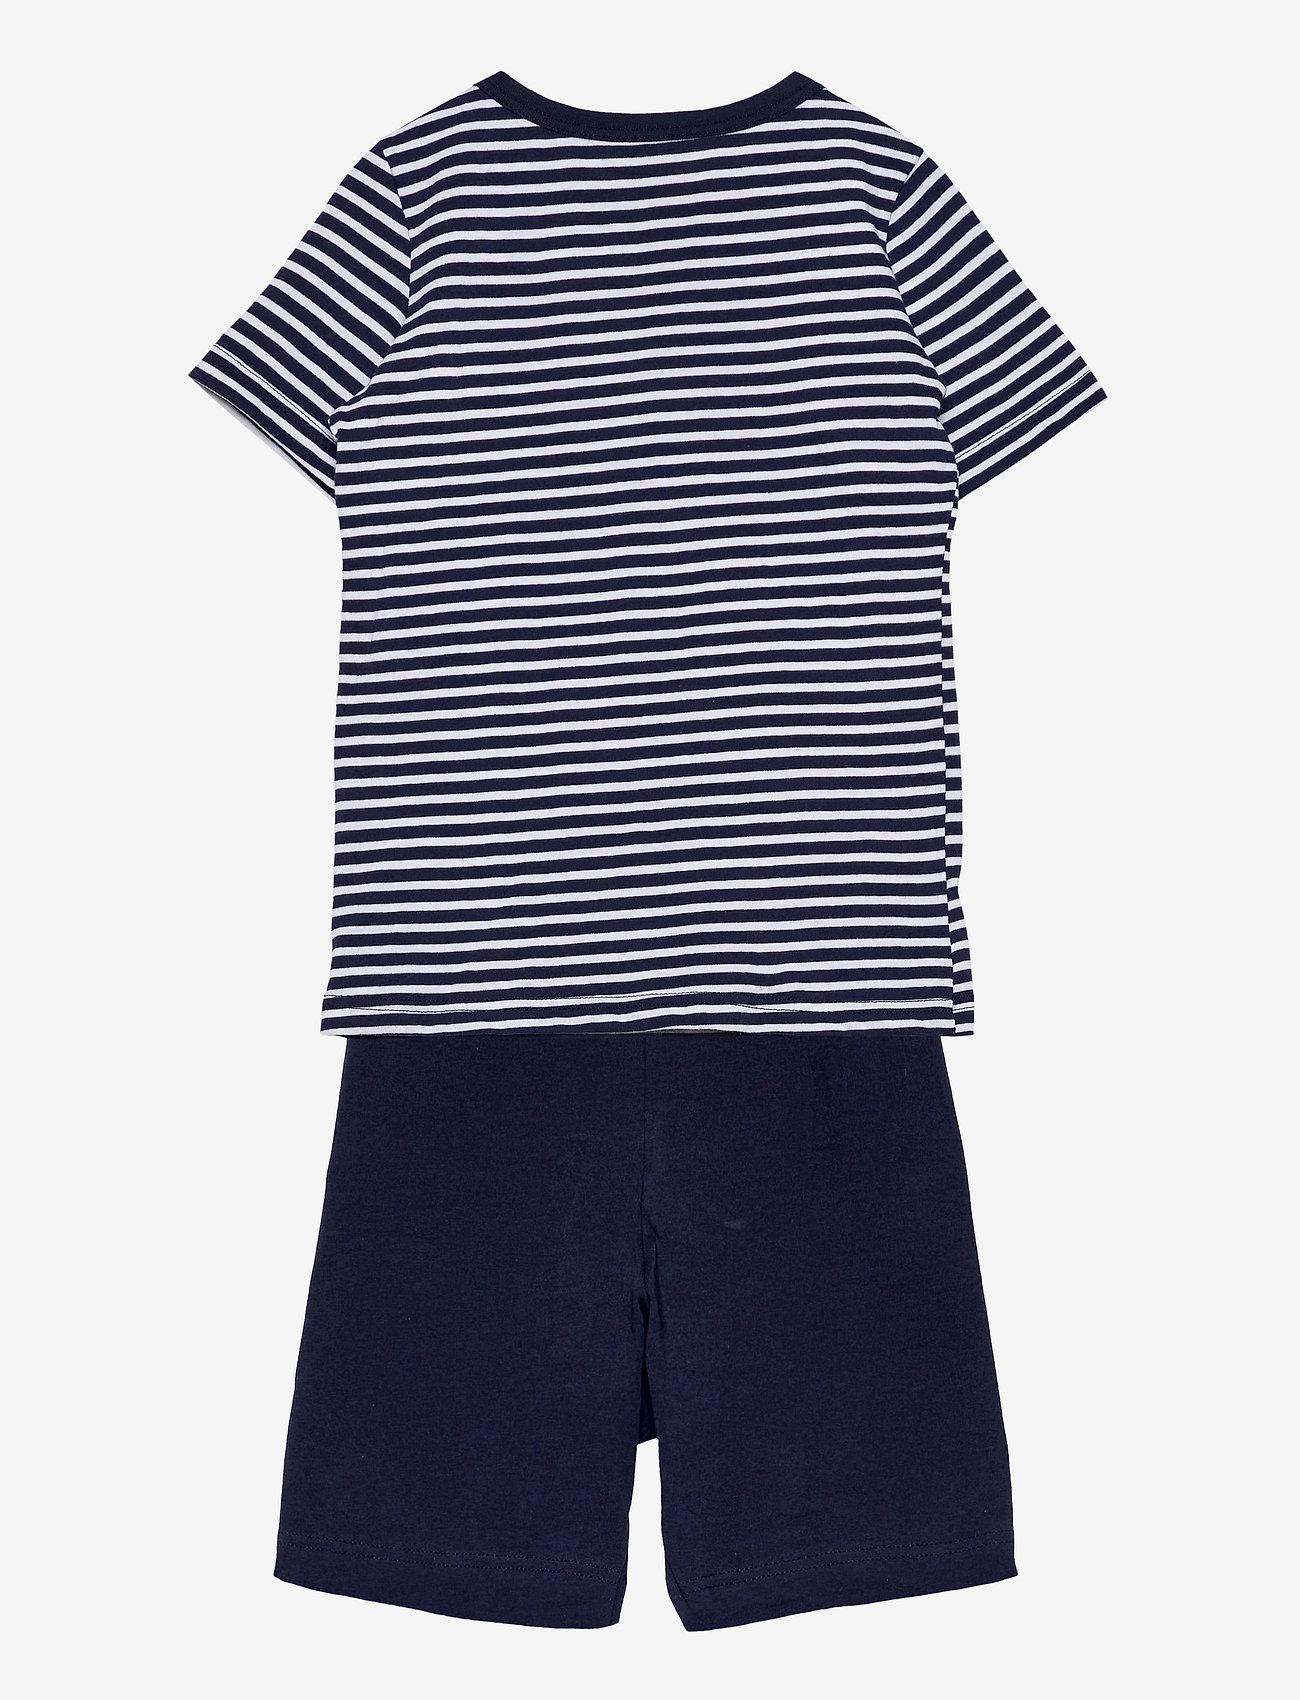 Schiesser - Boys Pyjama Short - sets - dark blue - 1